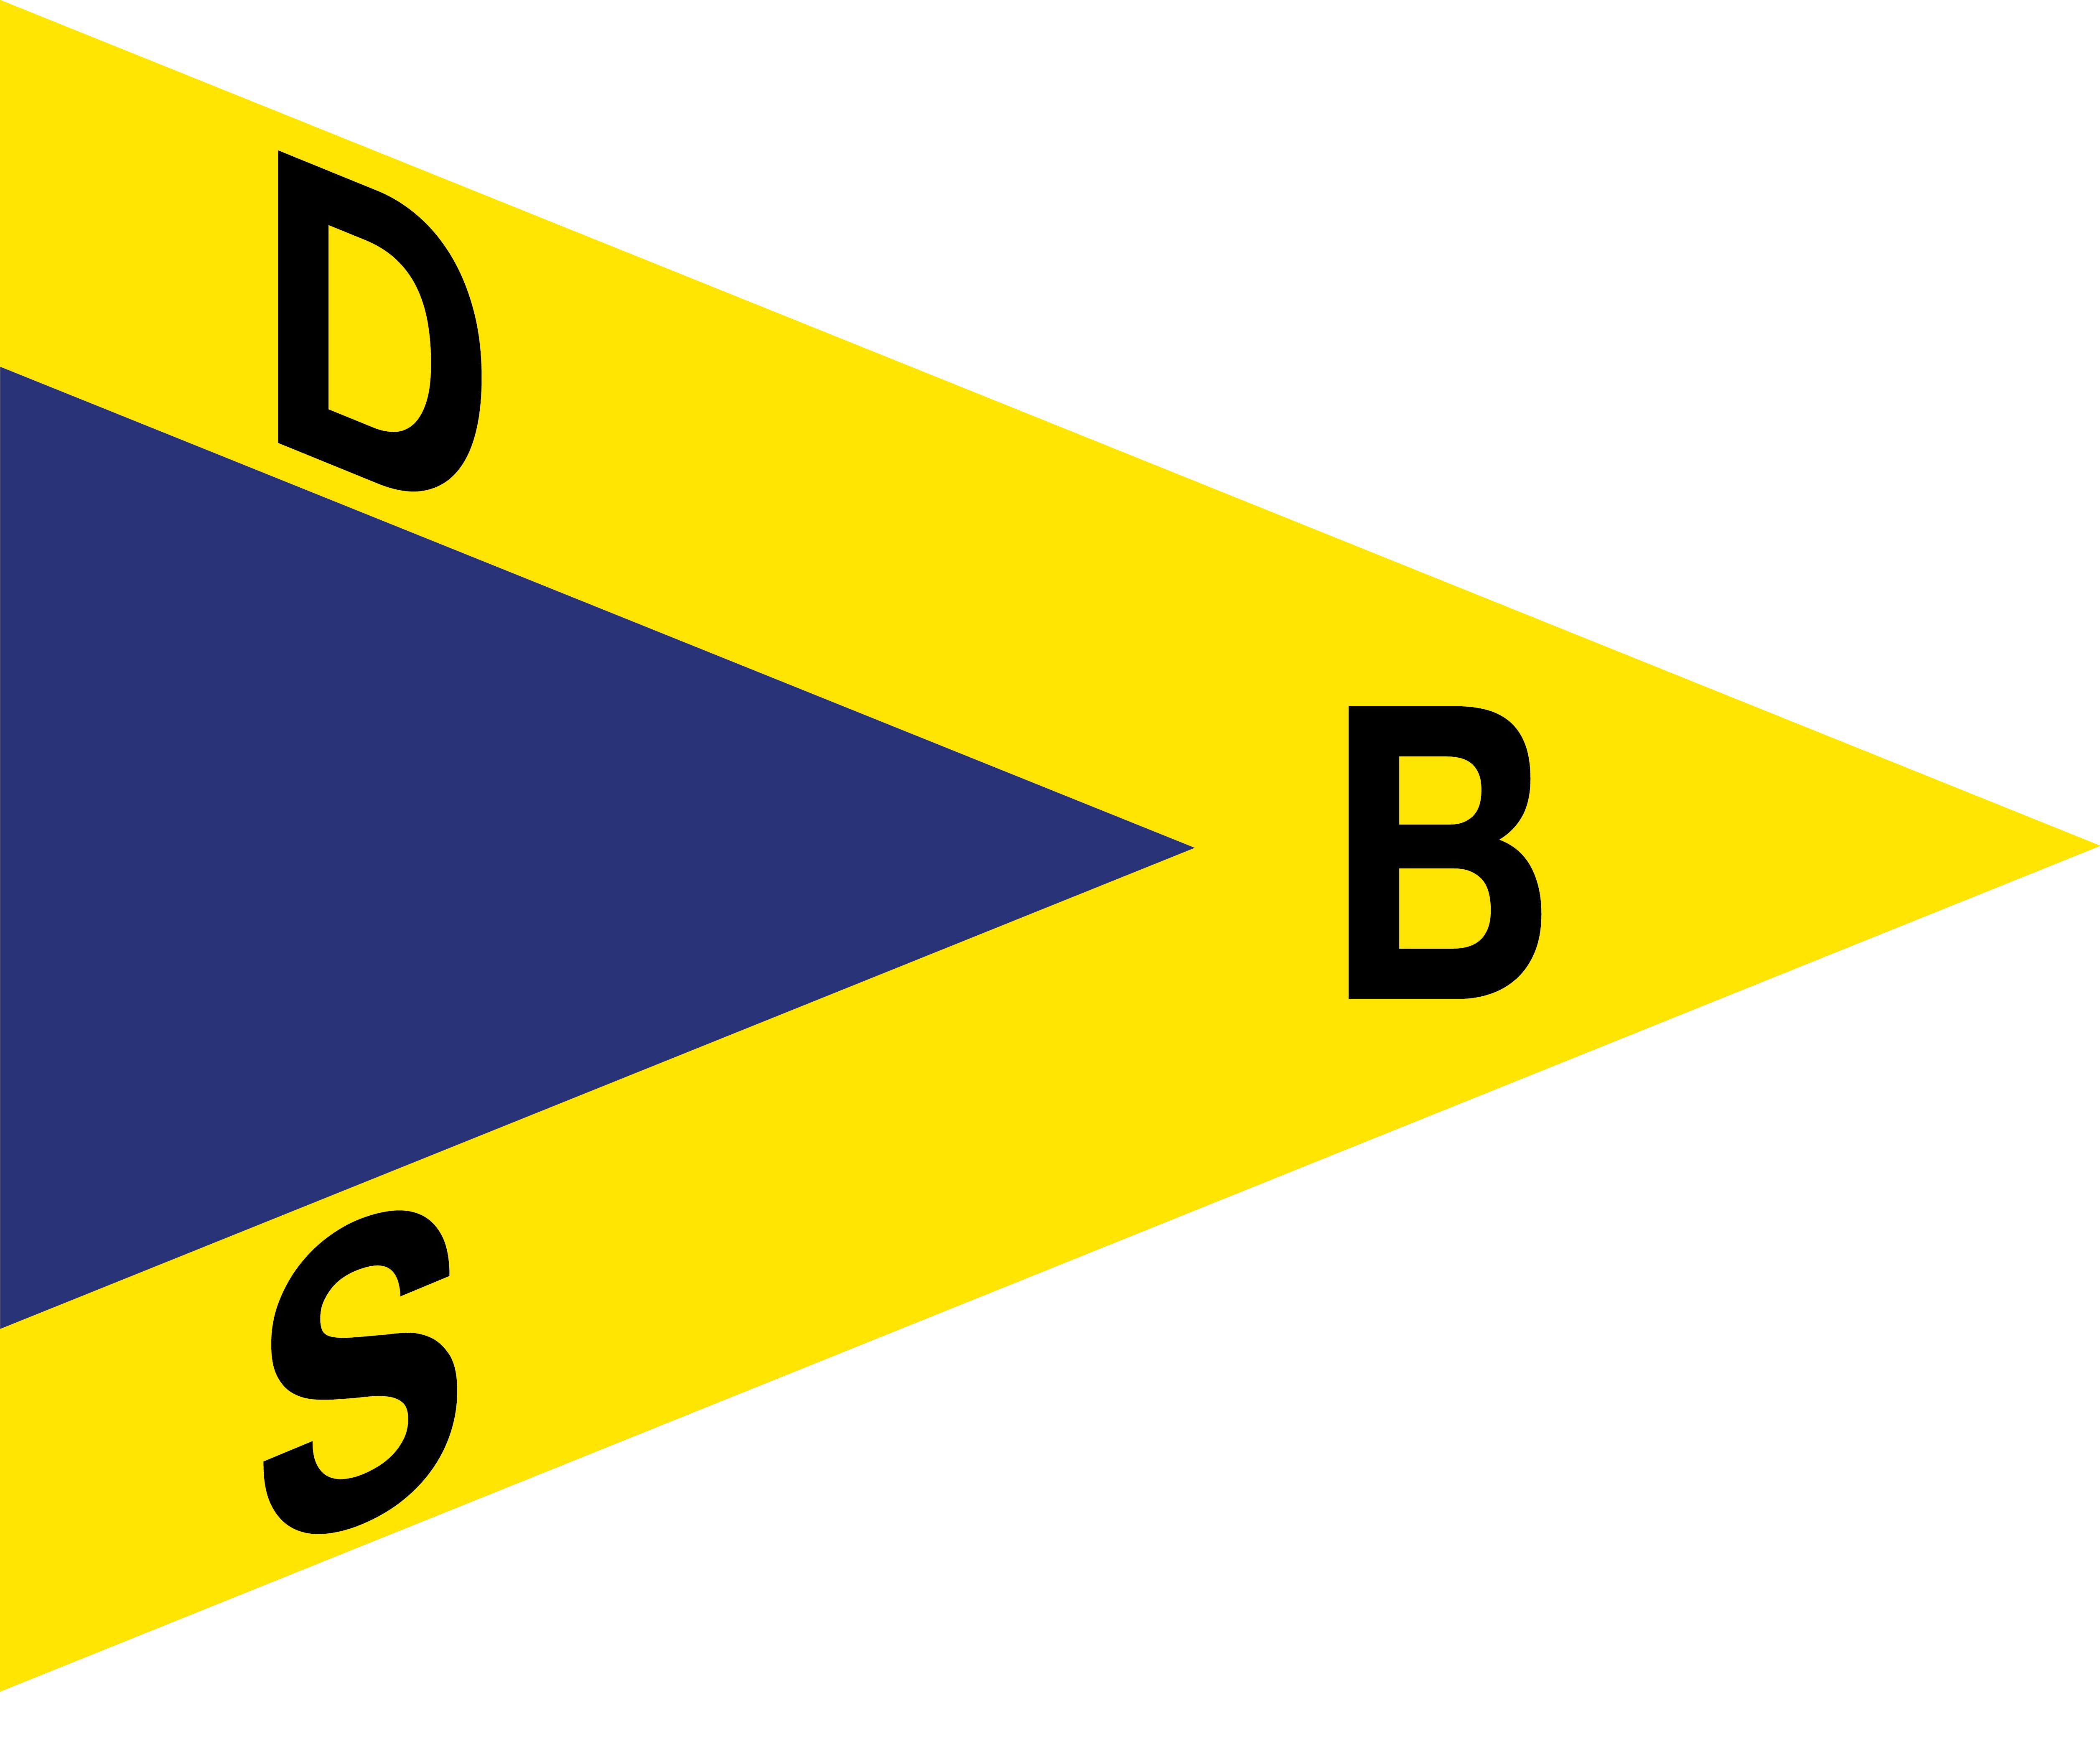 Dalbo Båtsällskap i Hägersten